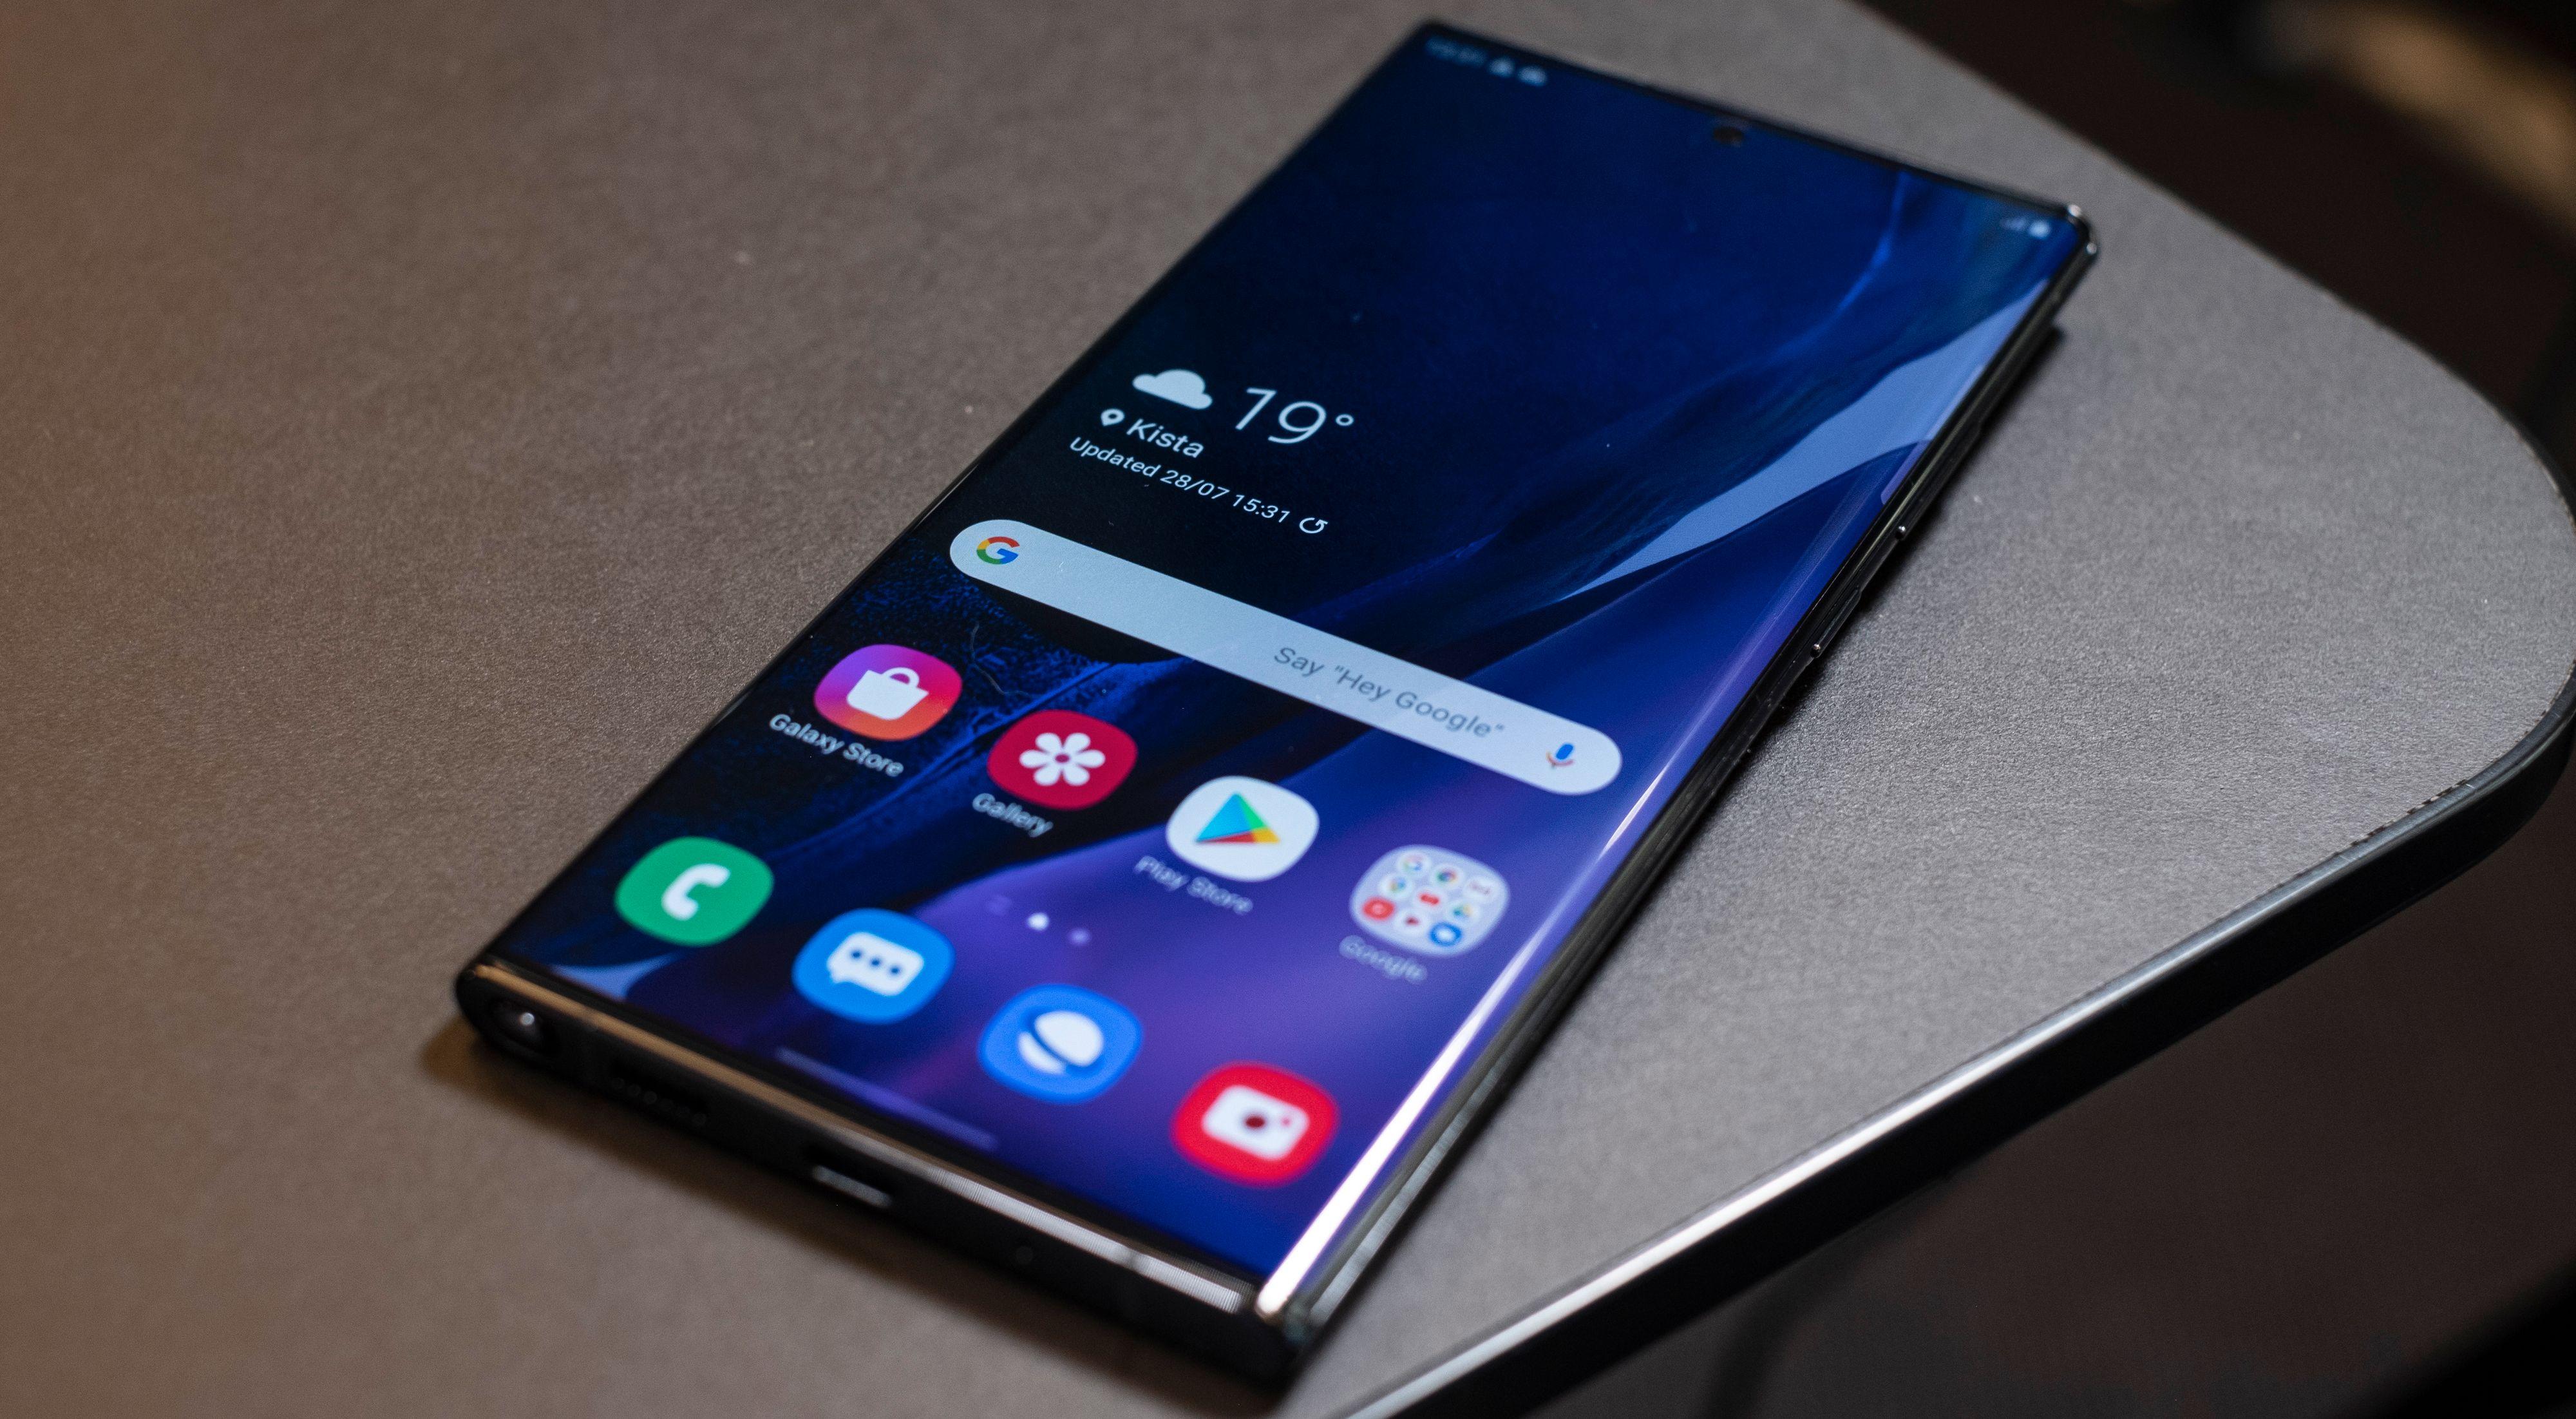 Galaxy Note 20 og Galaxy Note 20 Ultra (bildet) ble akkurat som ryktebørsen forventet. En Ultra-modell med avrundede skjermkanter og Cornings nye Victus-glass som skal tåle ekstra mye, og en «vanlig» Note 20-modell som strippes ned til pennen og handler mer om funksjonene.